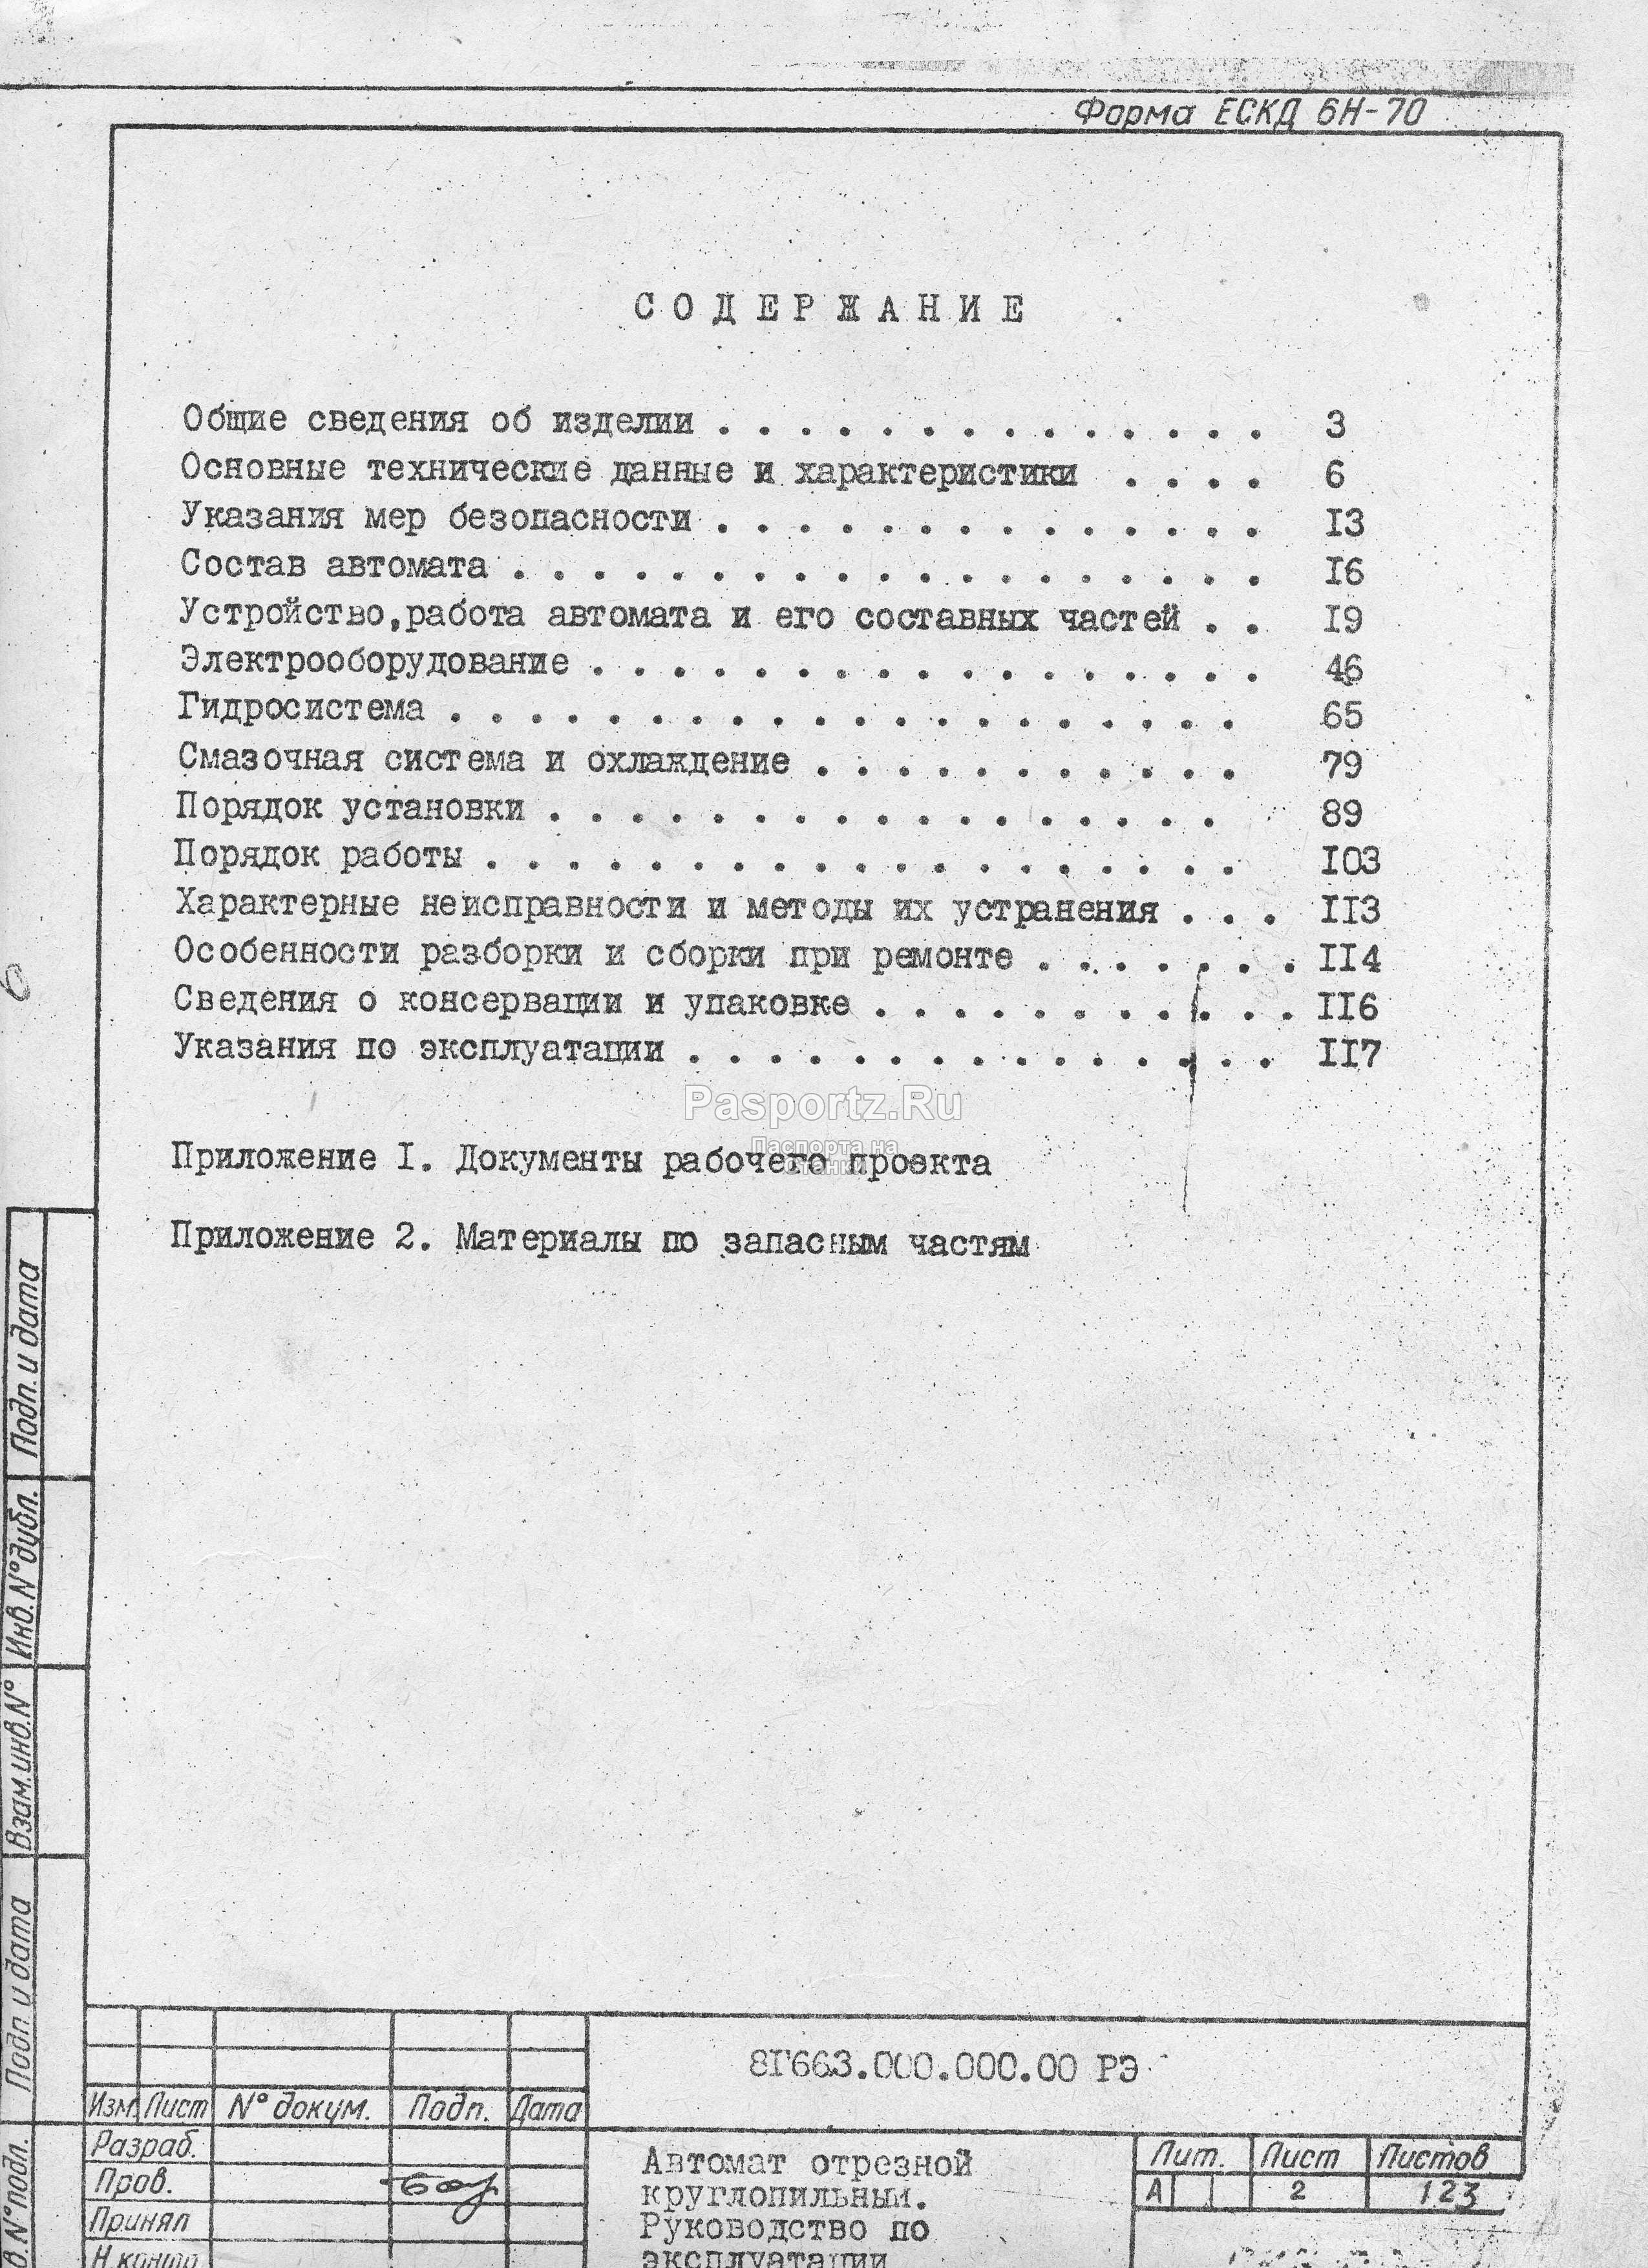 ПАСПОРТ СТАНКА 8Г663 СКАЧАТЬ БЕСПЛАТНО